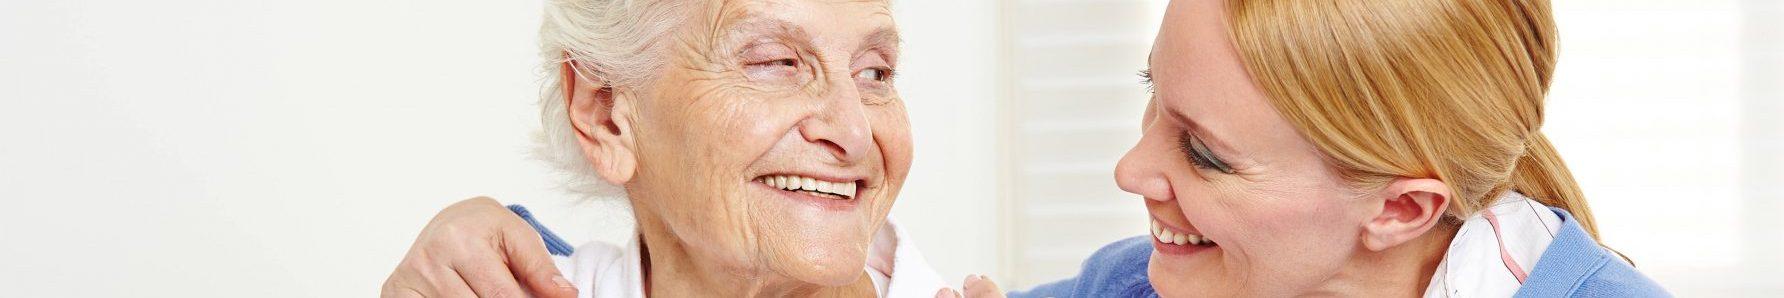 Usprawnianie osób starszych